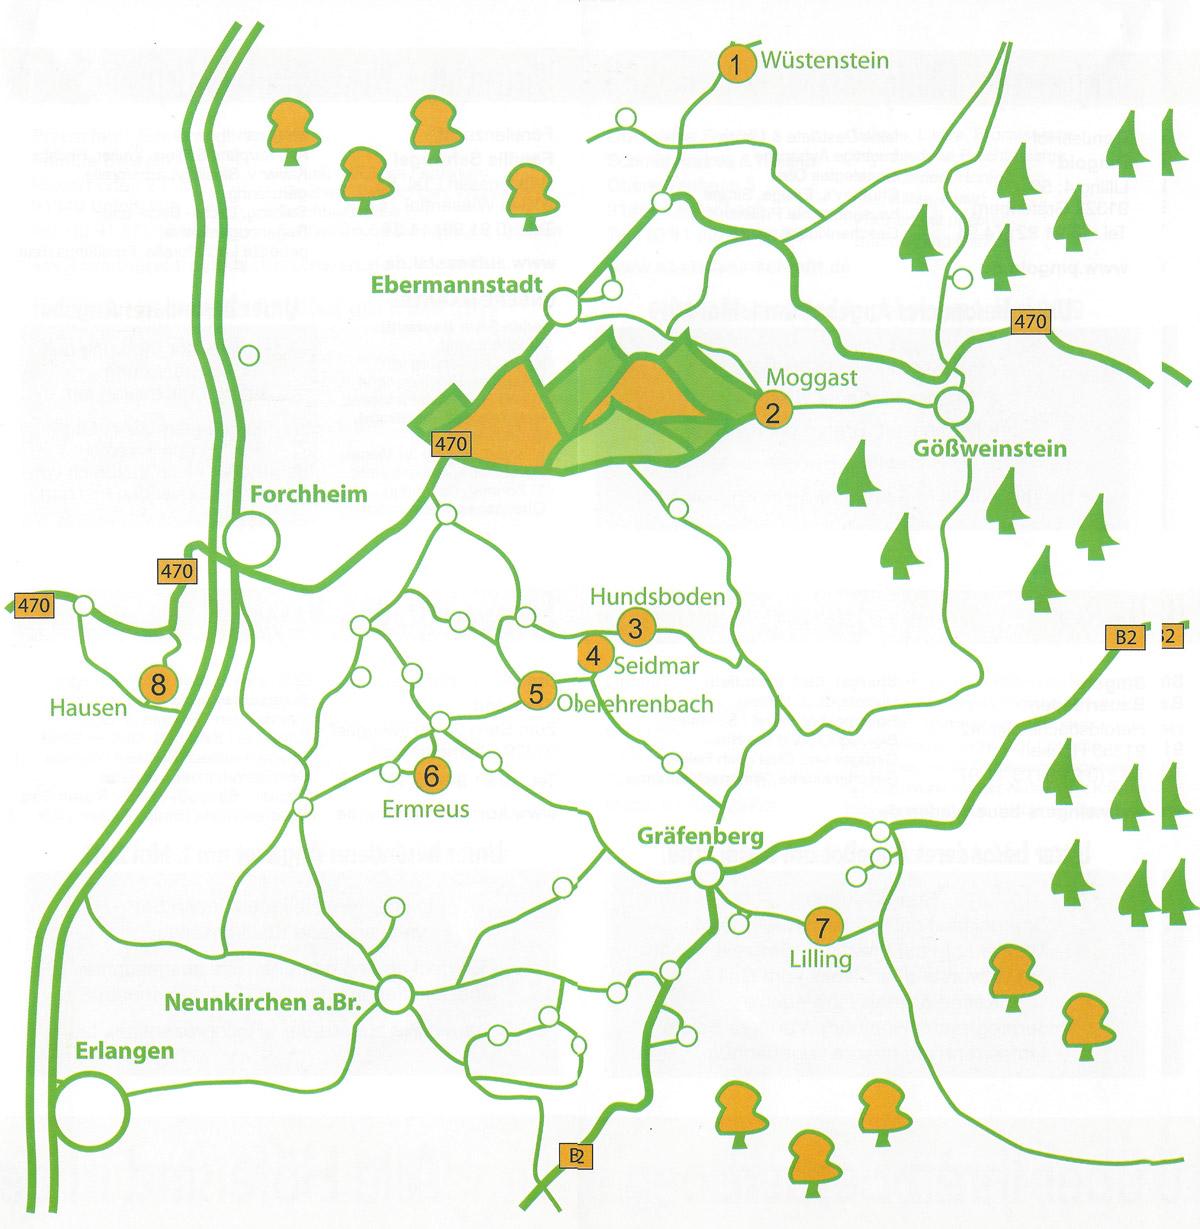 Fränkische Schweiz Karte.Hofladentour2019 2 Karte Brennerei Fränkische Schweiz